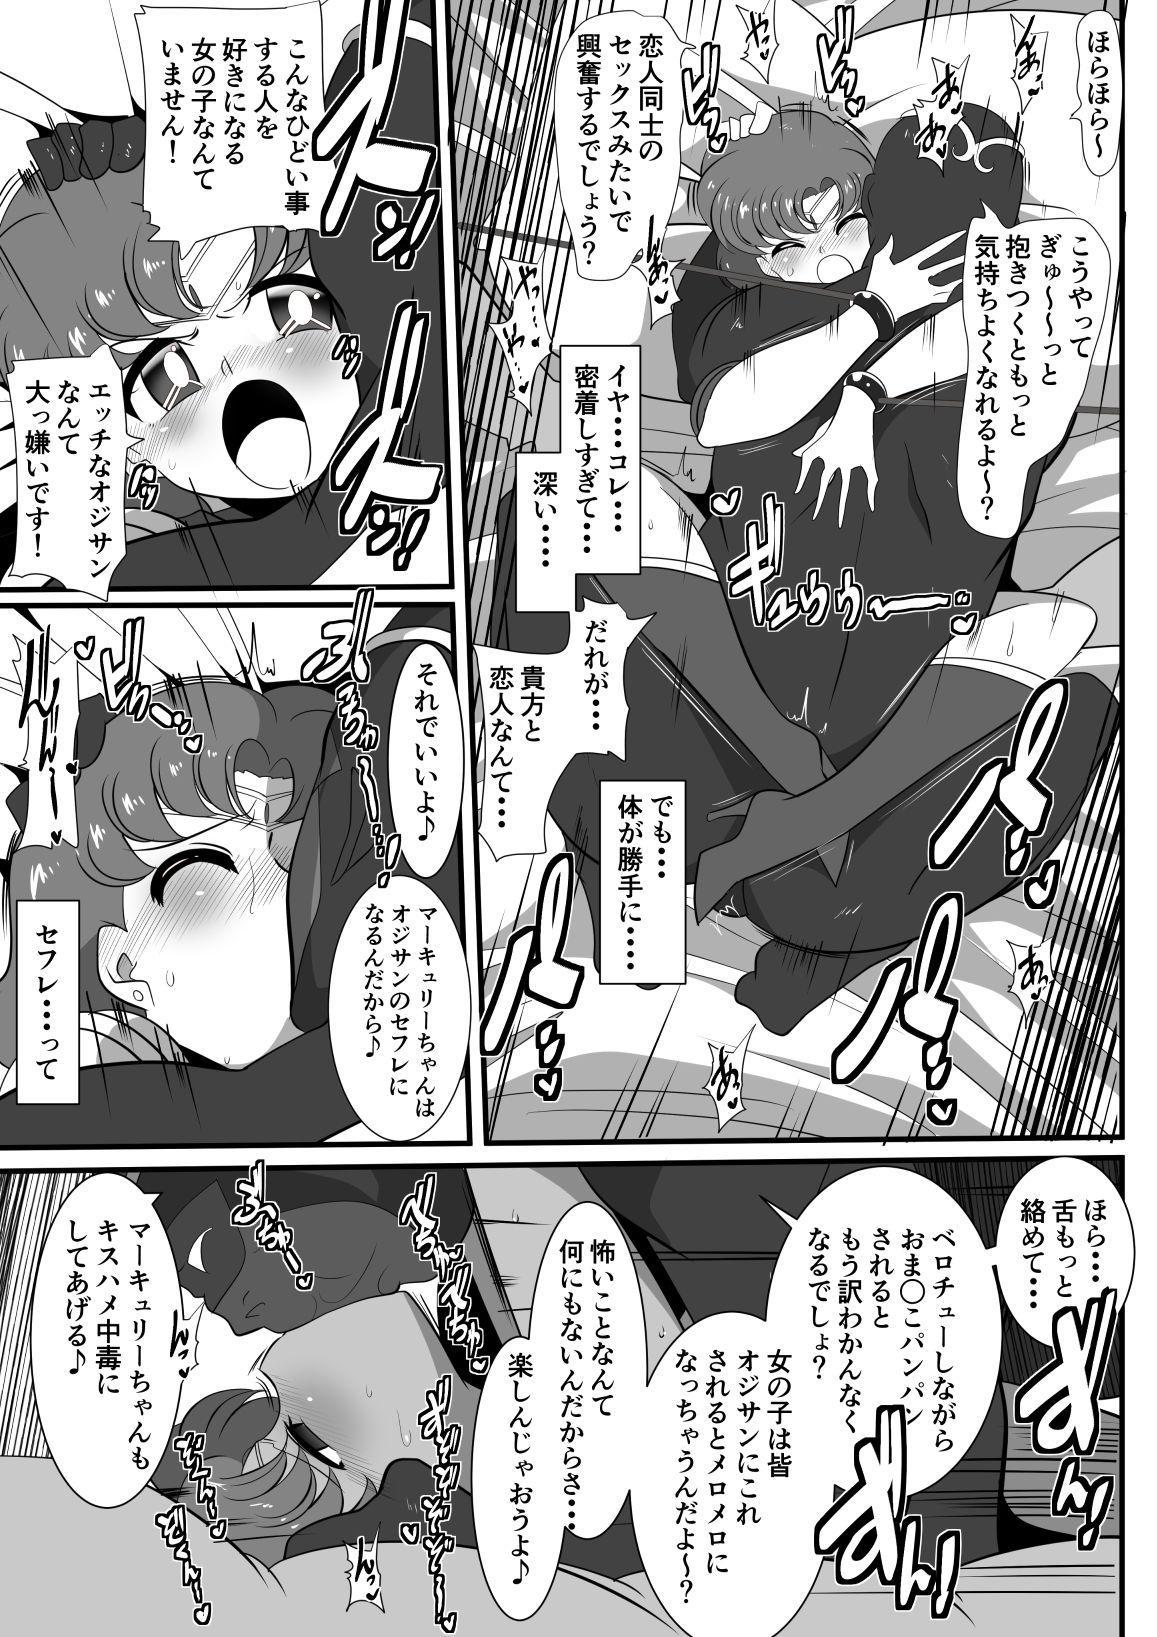 Suisei no Haiboku 20